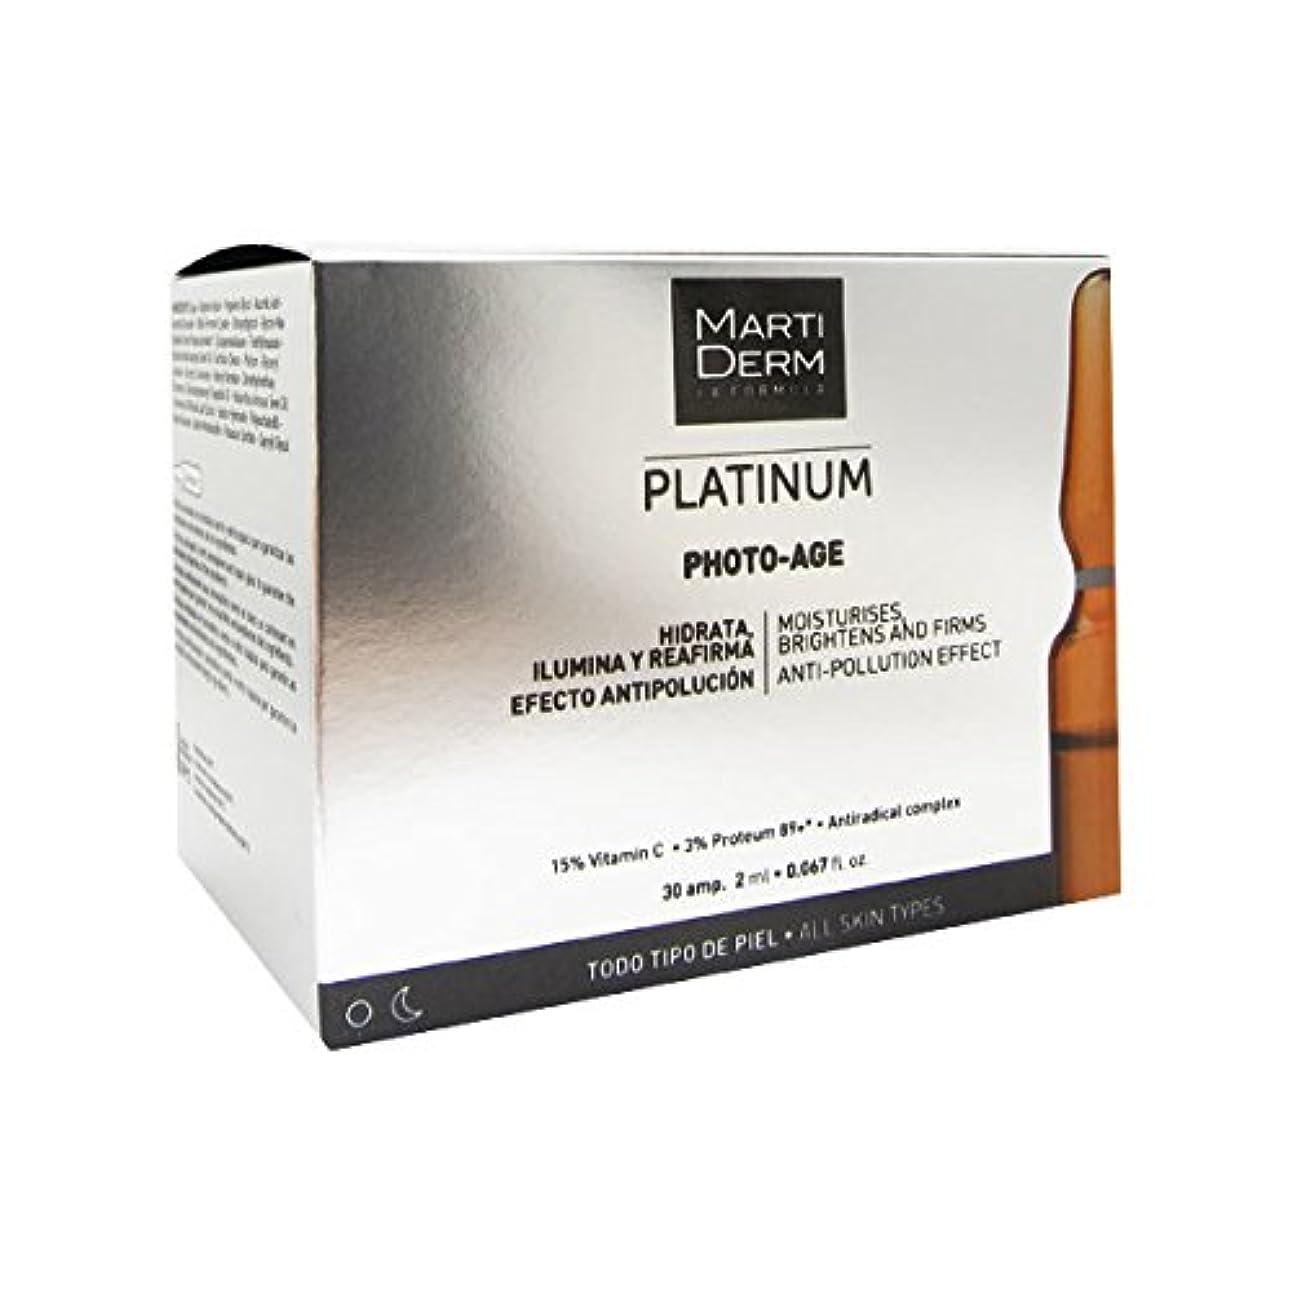 バズ提案洗うMartiderm Platinum Photo-age 30ampx2ml [並行輸入品]